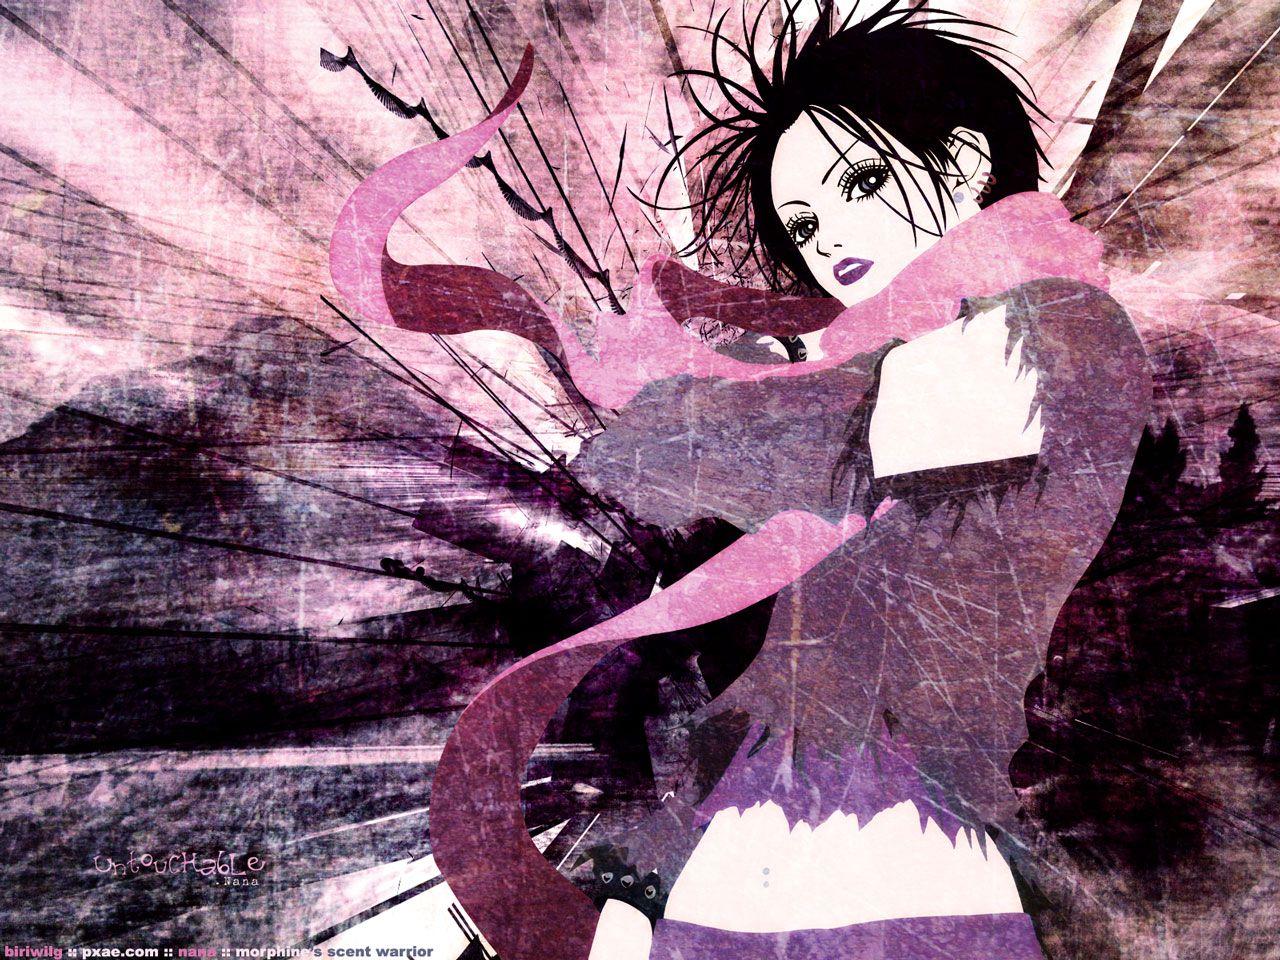 http://3.bp.blogspot.com/_QhzRGyzw6AM/TIl_F39QrCI/AAAAAAAADnA/-23lONZrv3U/s1600/20060426_299_Minitokyo.Anime.Wallpapers.Nana_174561.jpg